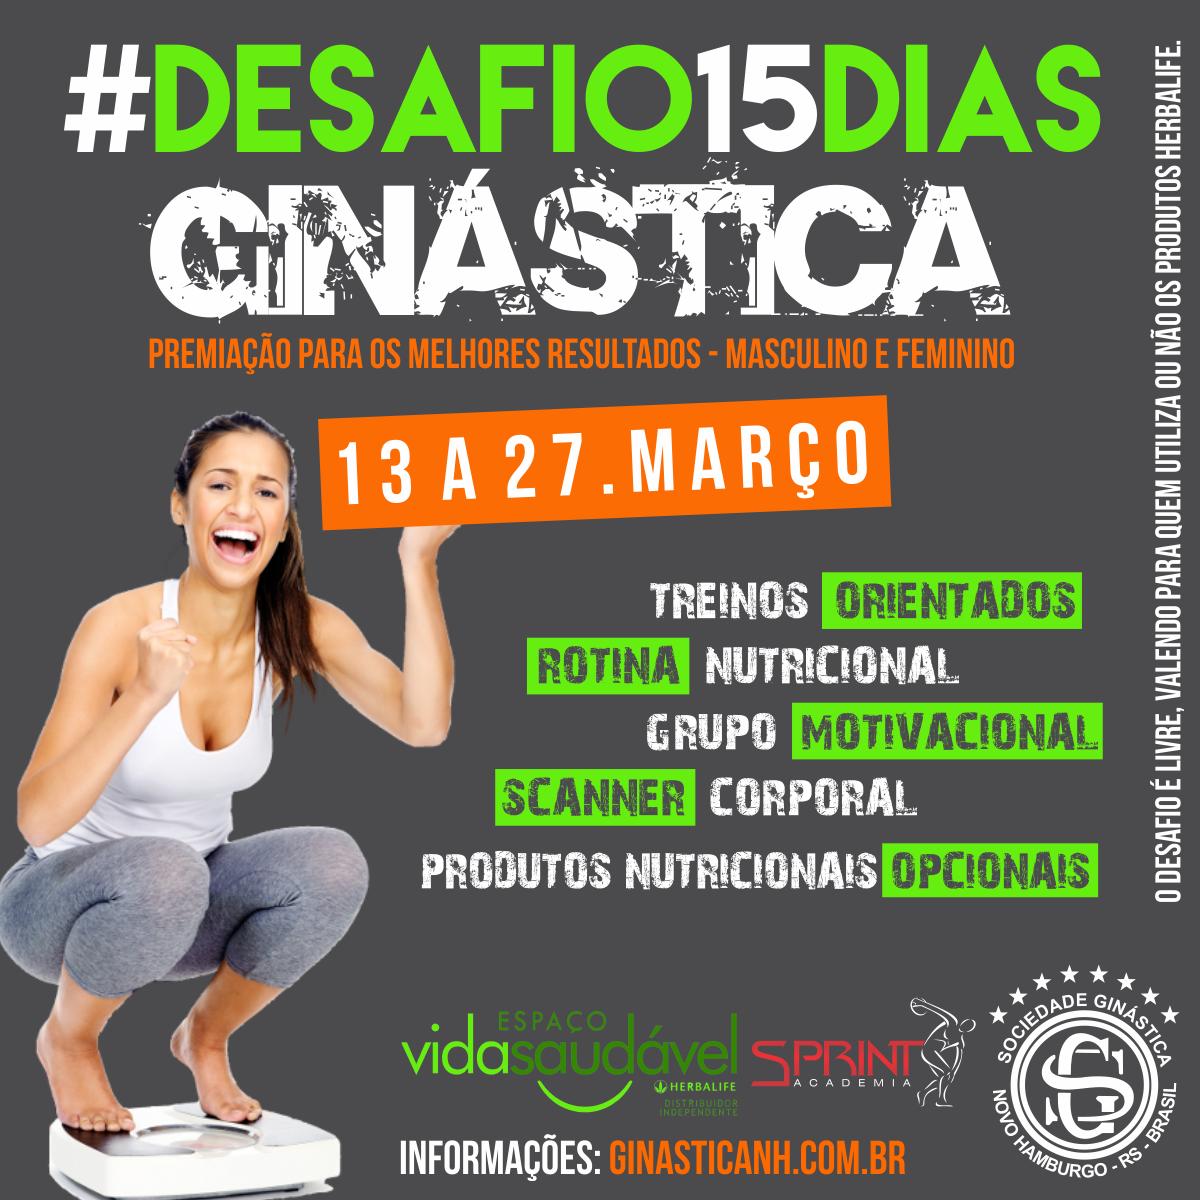 Espaço Vida Saudável da Ginástica promove Desafio 15 Dias